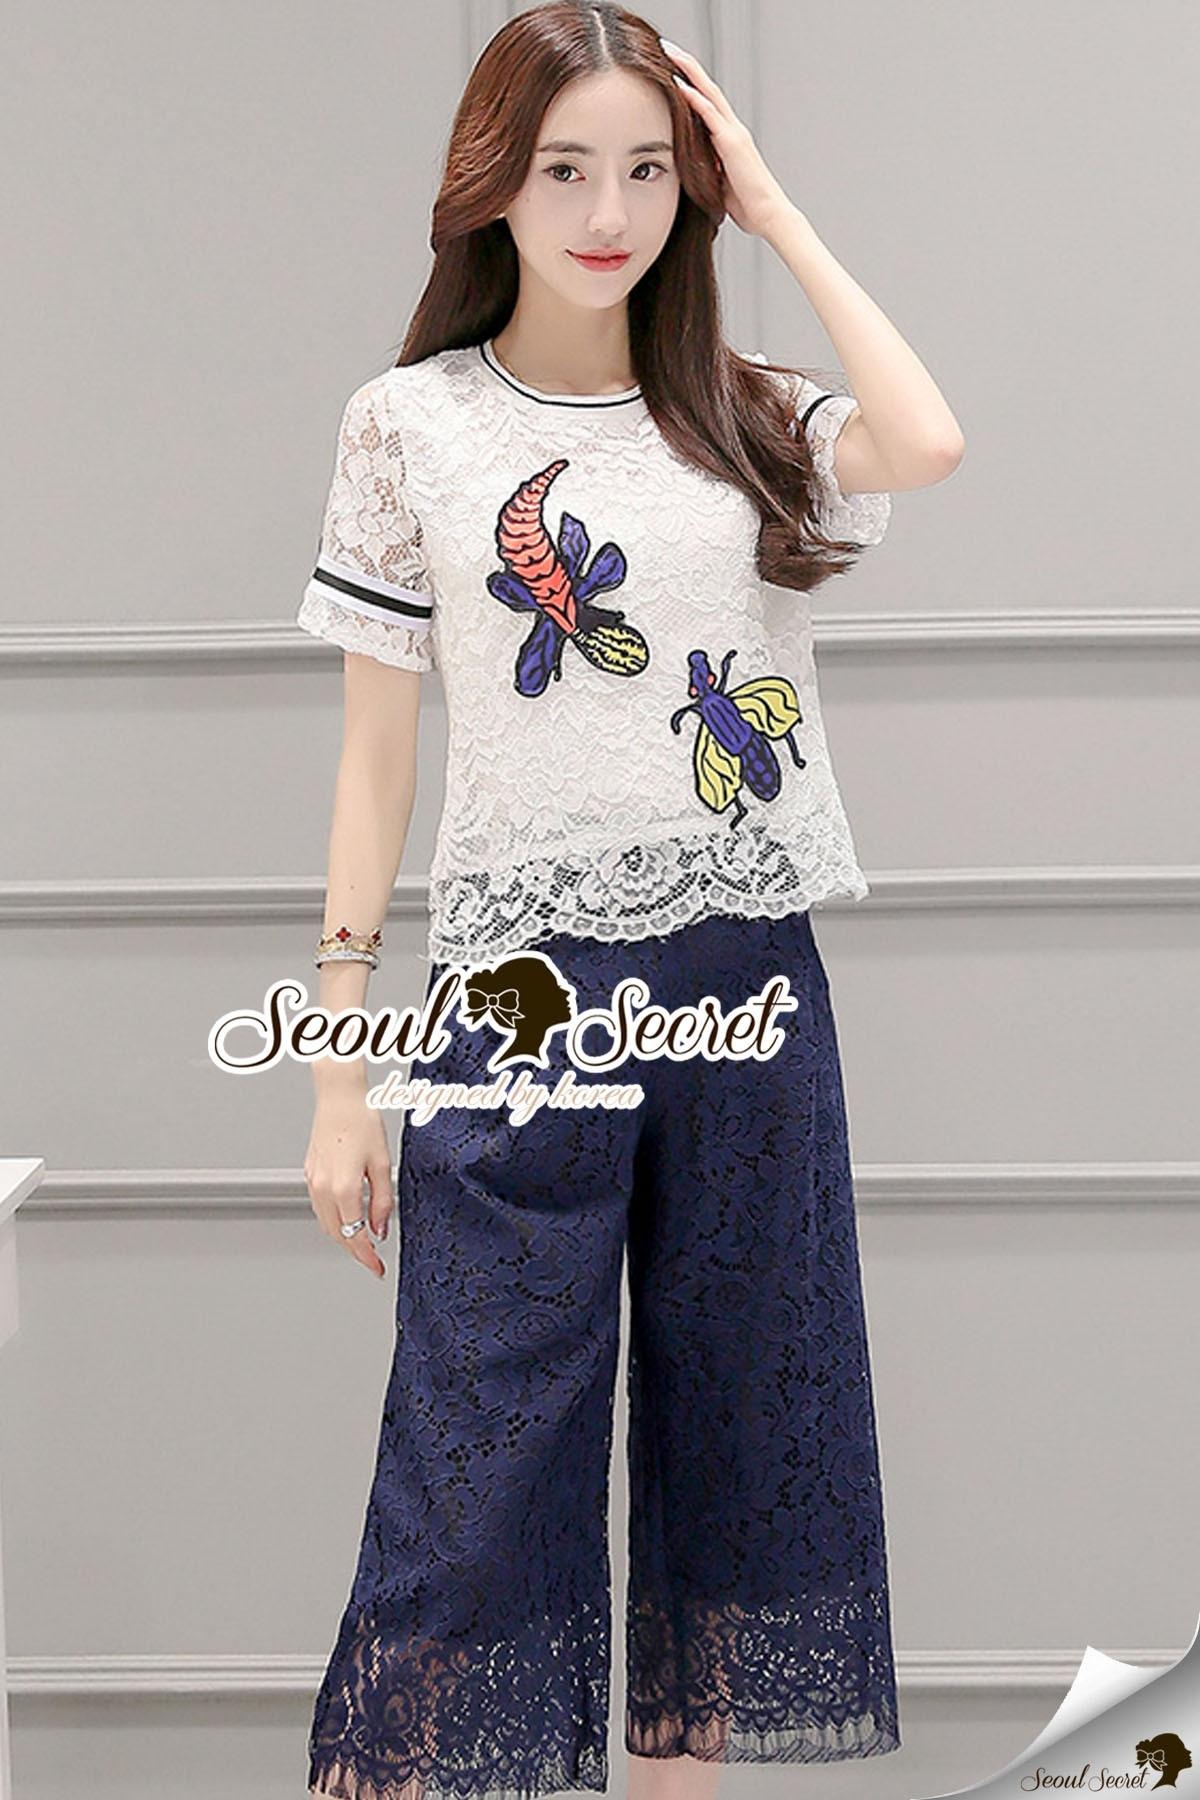 Seoul Secret Say's... Buggy Lace Stick Saphire Blue Lace Pants Set